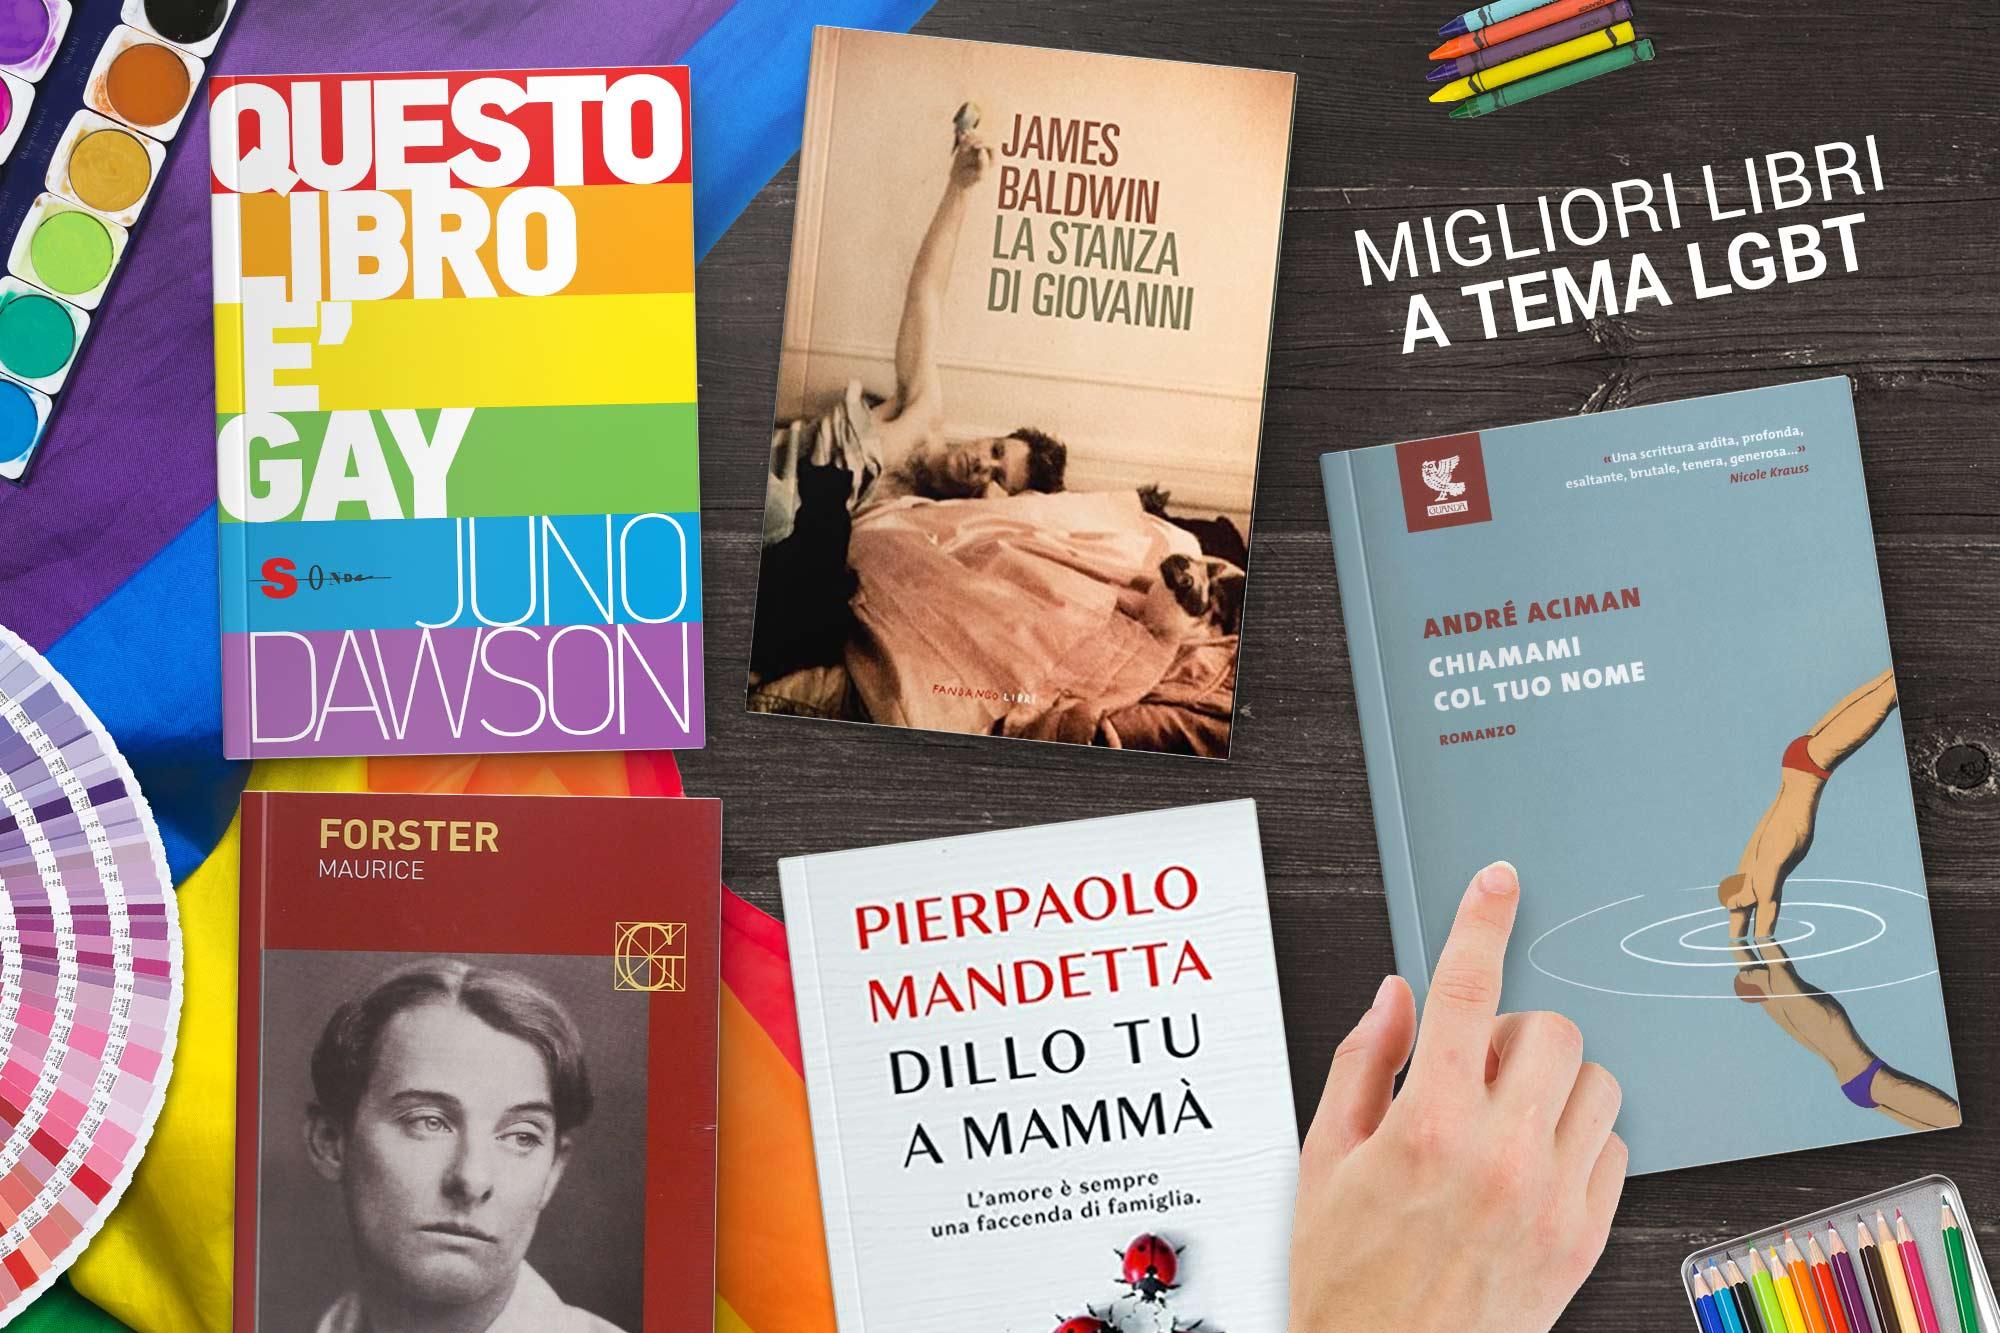 migliori-libri-lgbt